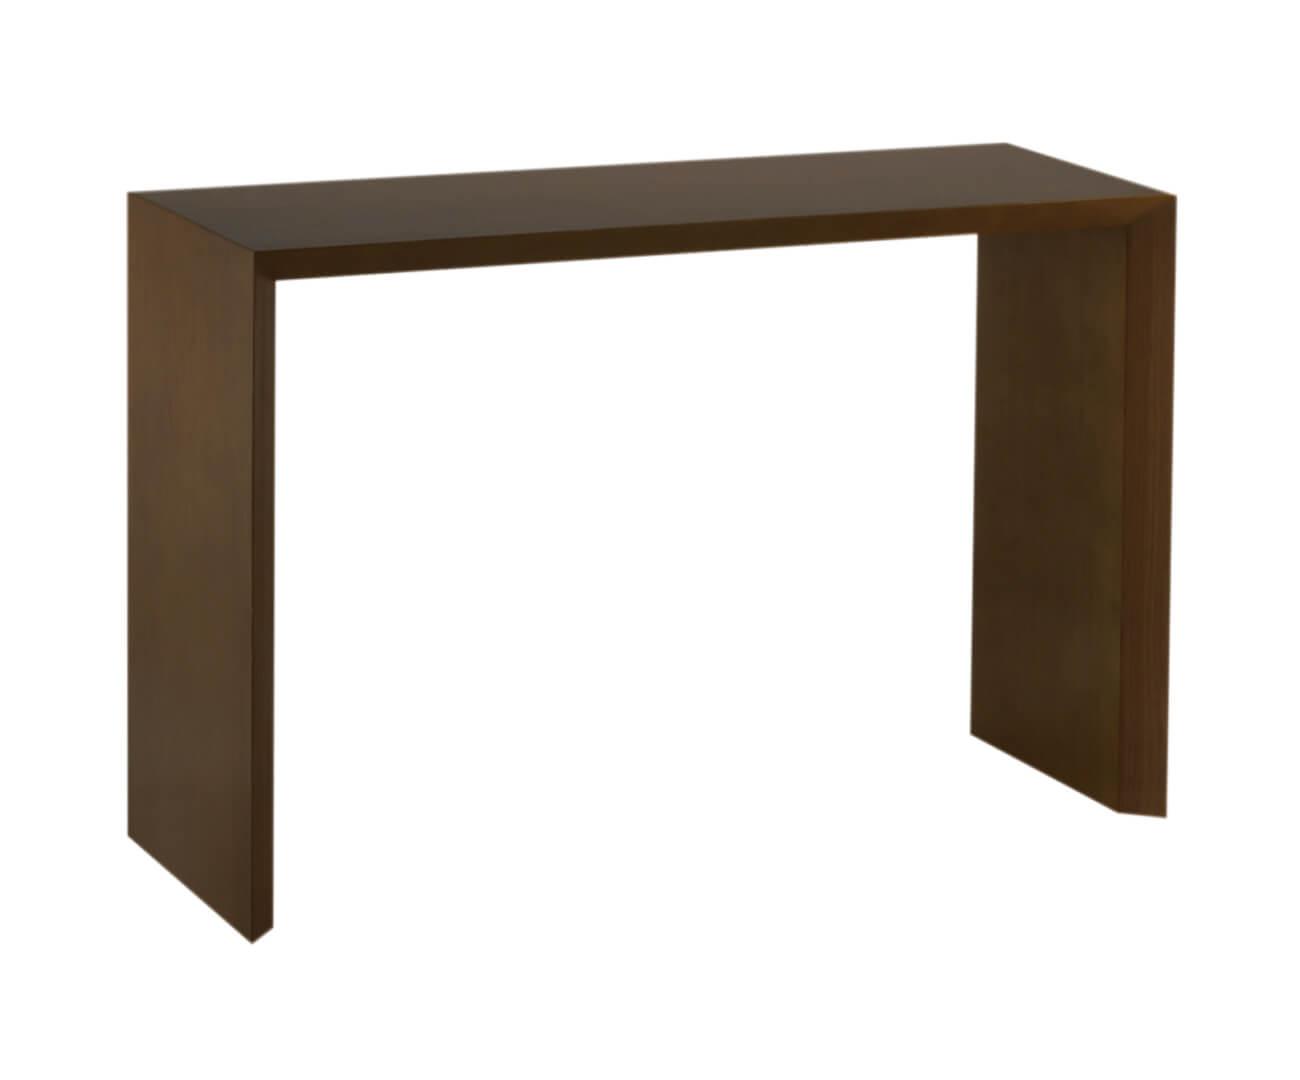 aparador em madeira ease 0295